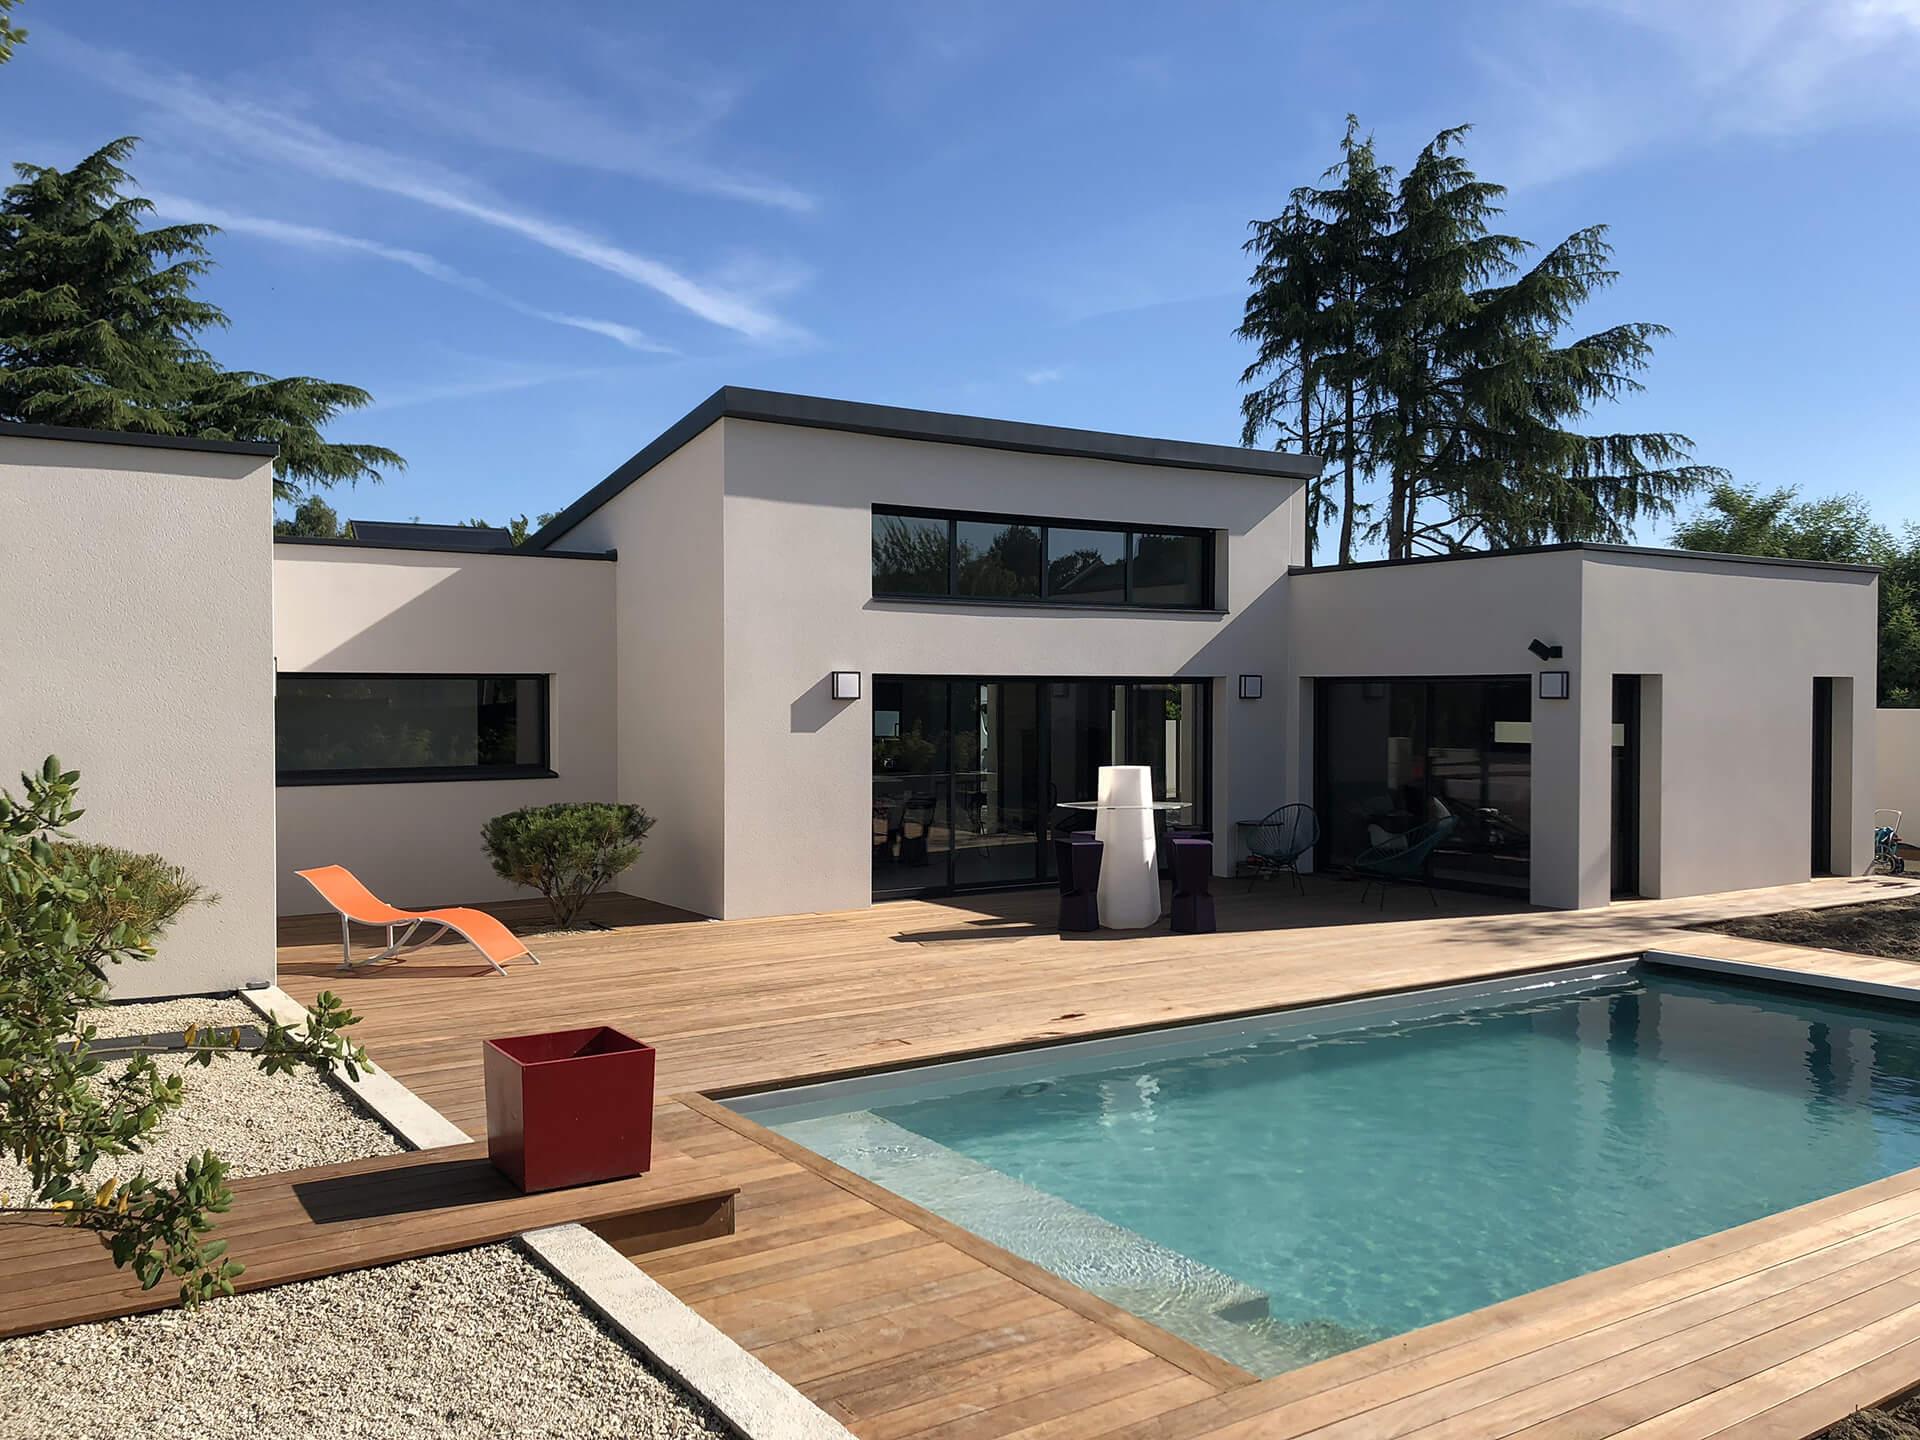 La « Maison Naturelle » 1ère maison labélisée E+C- en Loire ...